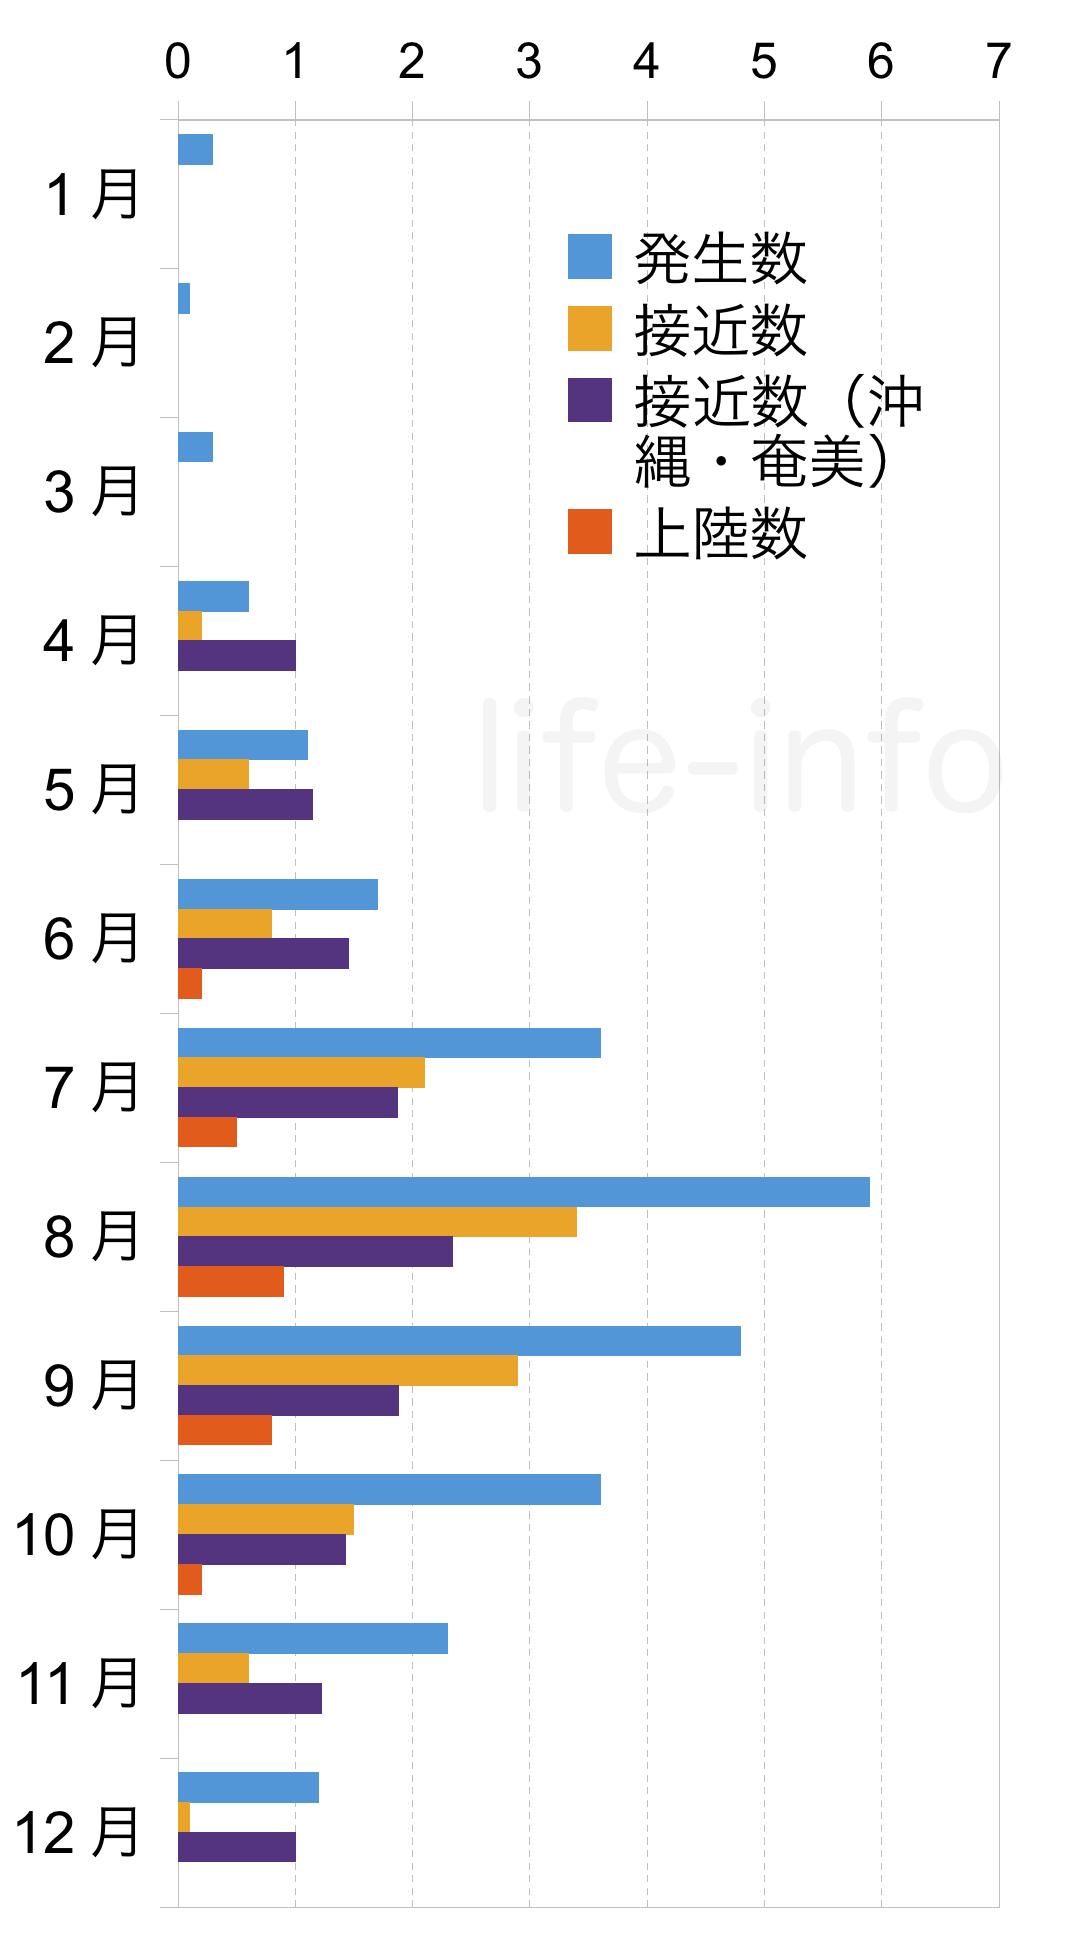 台風の平均月別数